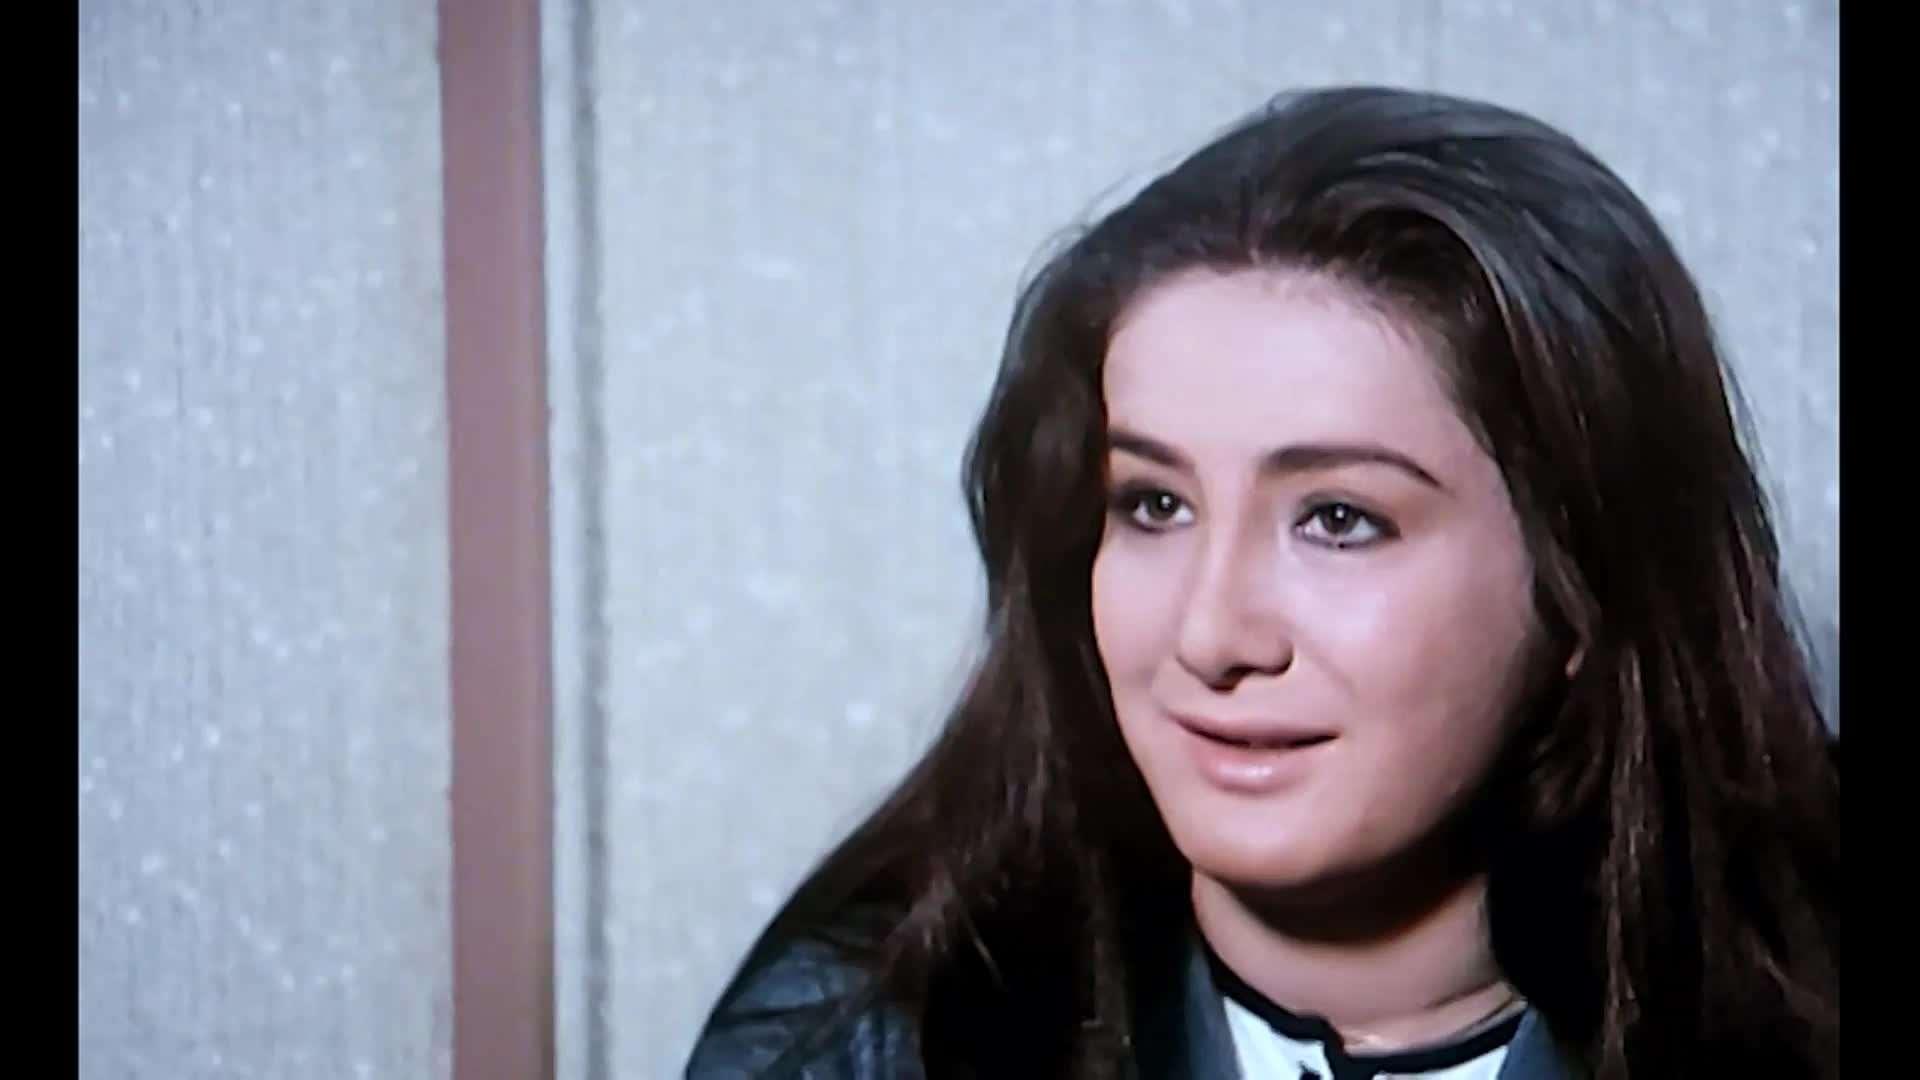 [فيلم][تورنت][تحميل][النمر الأسود][1984][1080p][Web-DL] 10 arabp2p.com